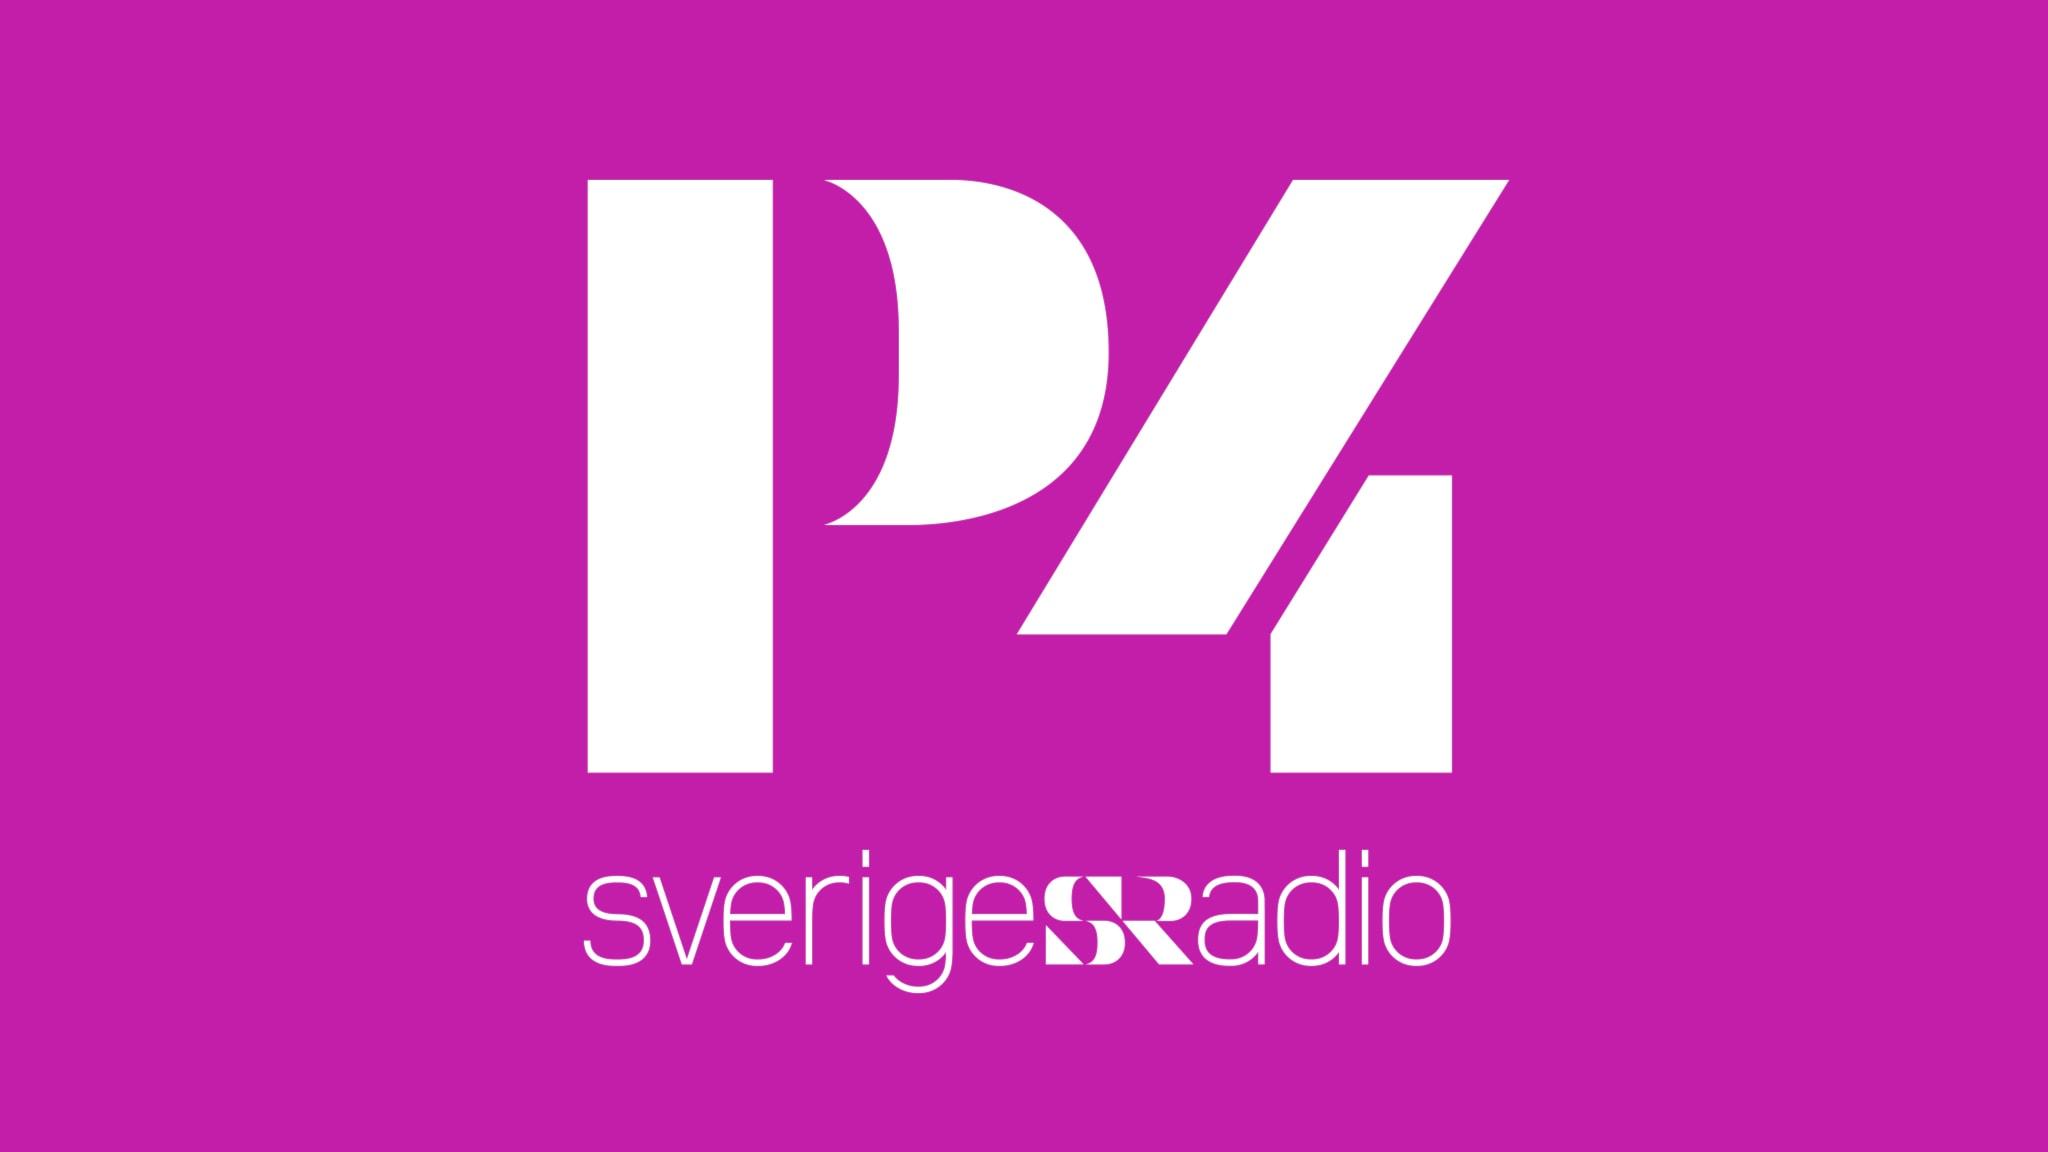 Trafik P4 Göteborg 20180706 07.34 (00.49)